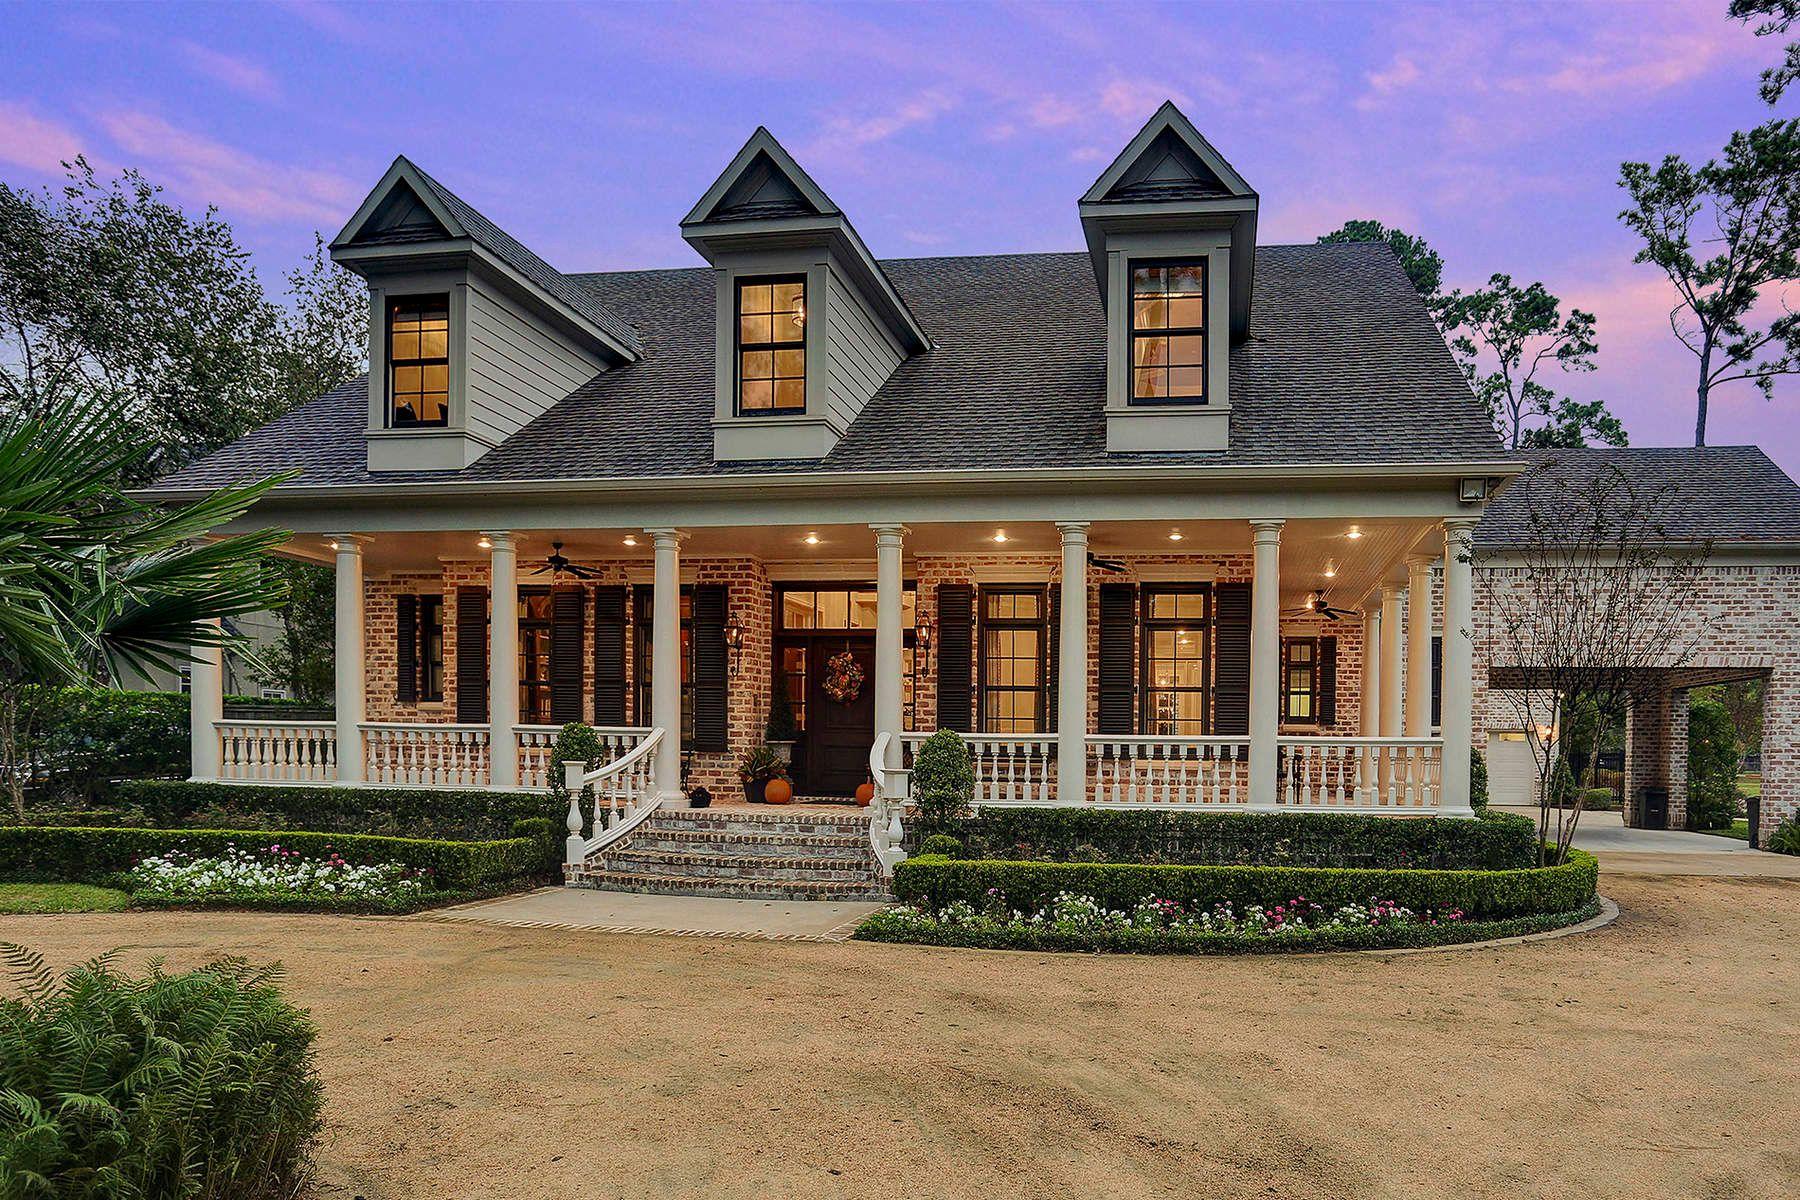 Частный односемейный дом для того Продажа на 10930 Beinhorn Road Houston, Техас, 77024 Соединенные Штаты